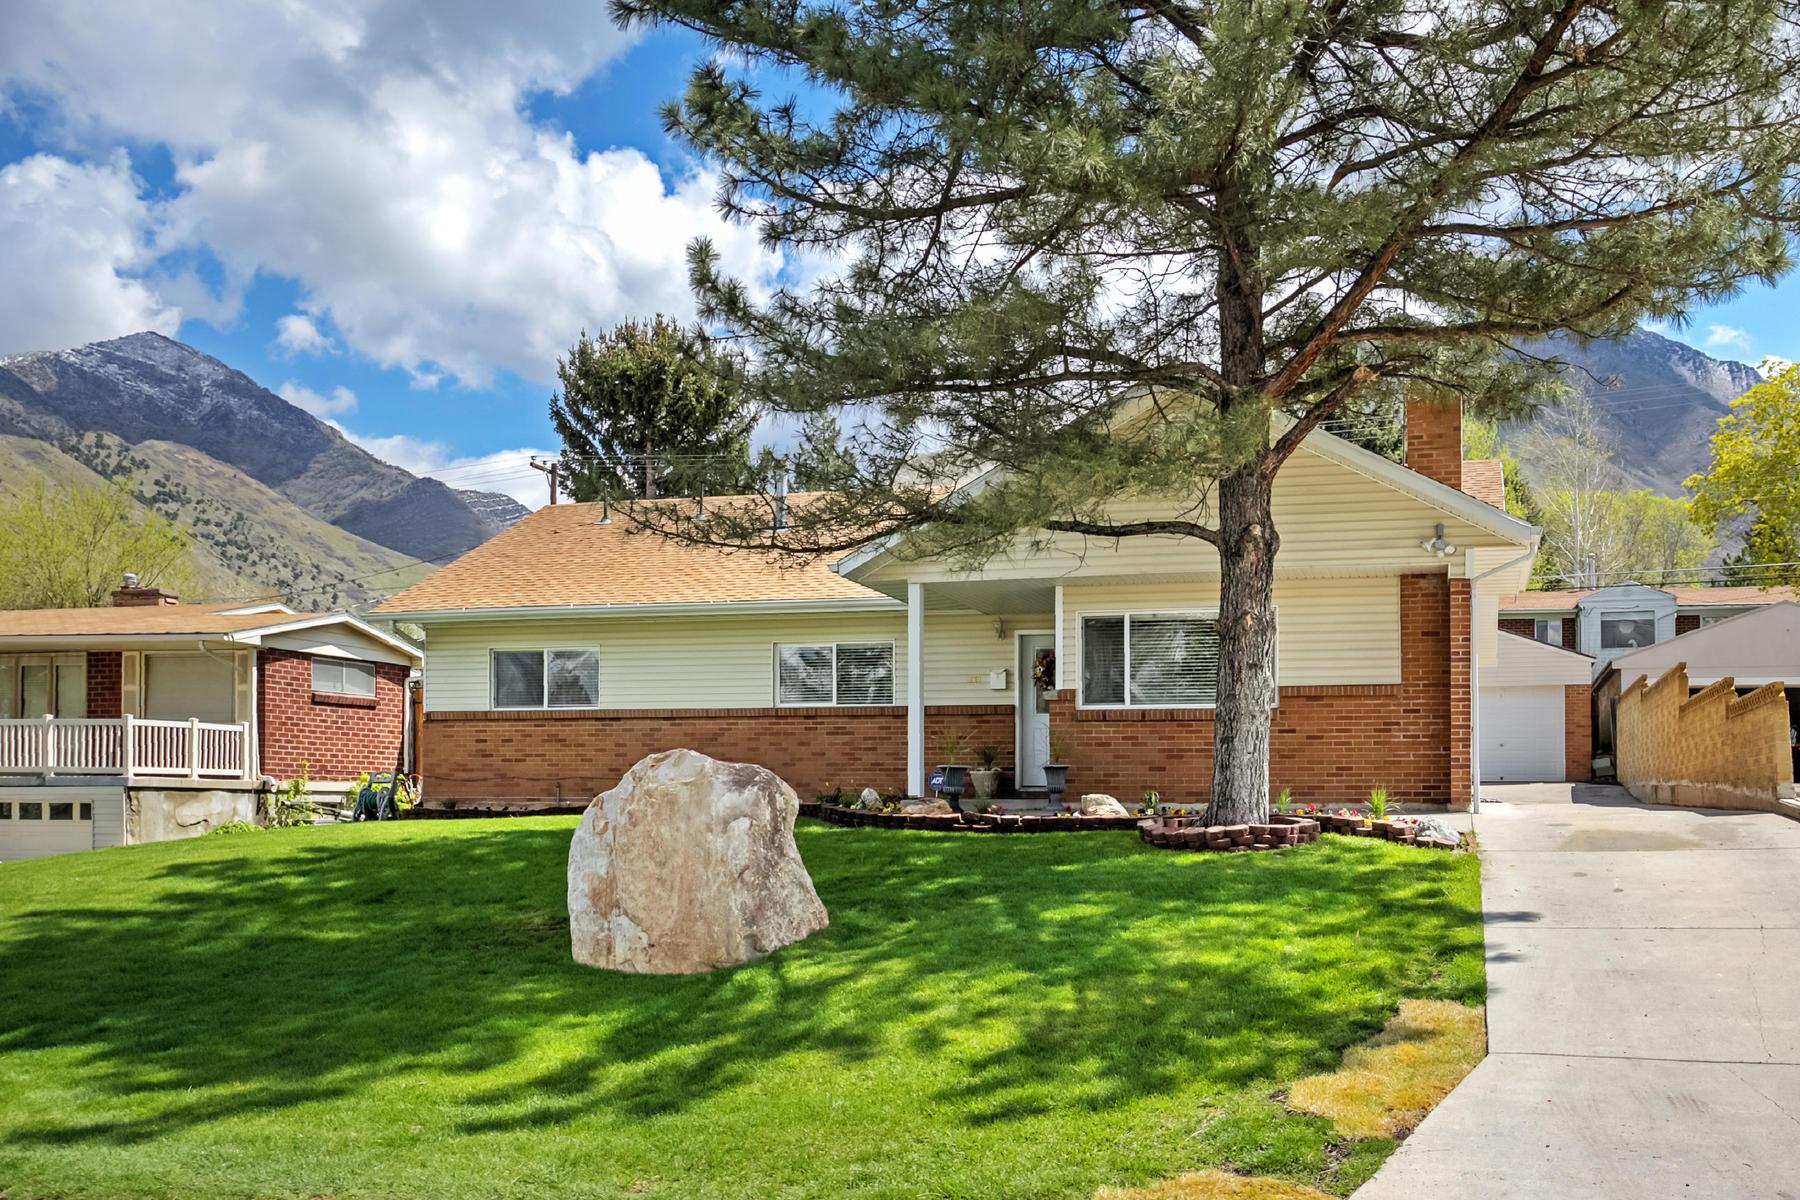 一戸建て のために 売買 アット Rare Olympus Cove 6 Bedroom Rambler 4081 S Achilles Dr Salt Lake City, ユタ, 84124 アメリカ合衆国